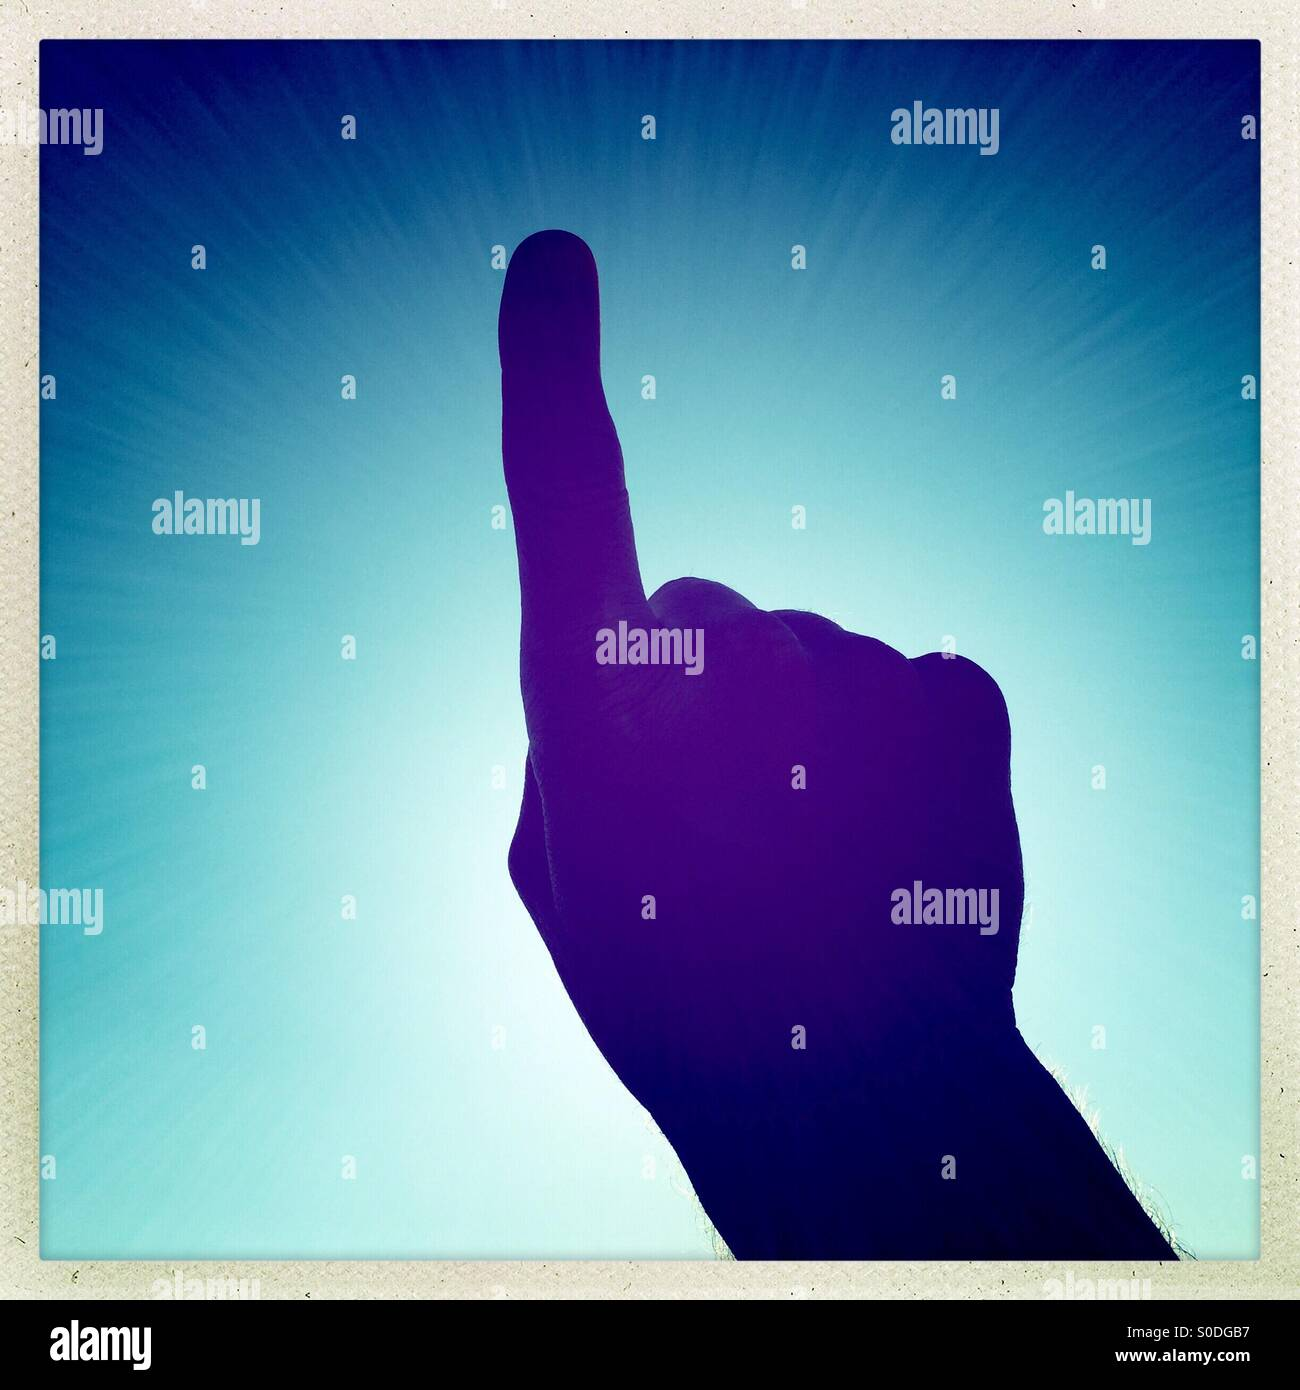 Un dedo levantado contra el cielo azul Imagen De Stock